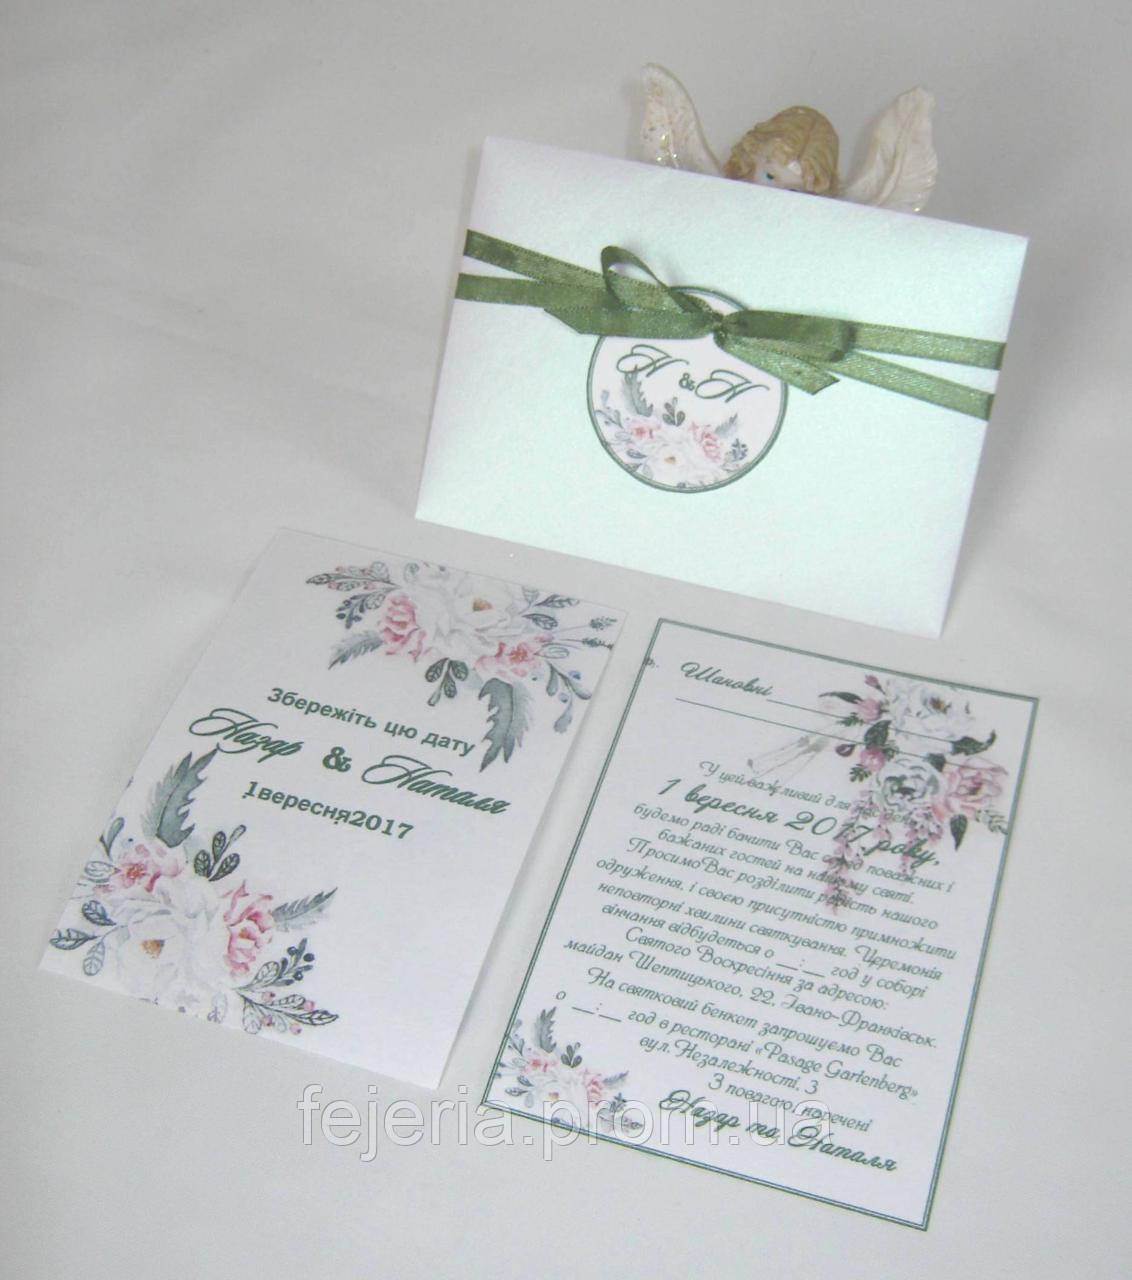 Пригласительное свадебное конверт с переливами